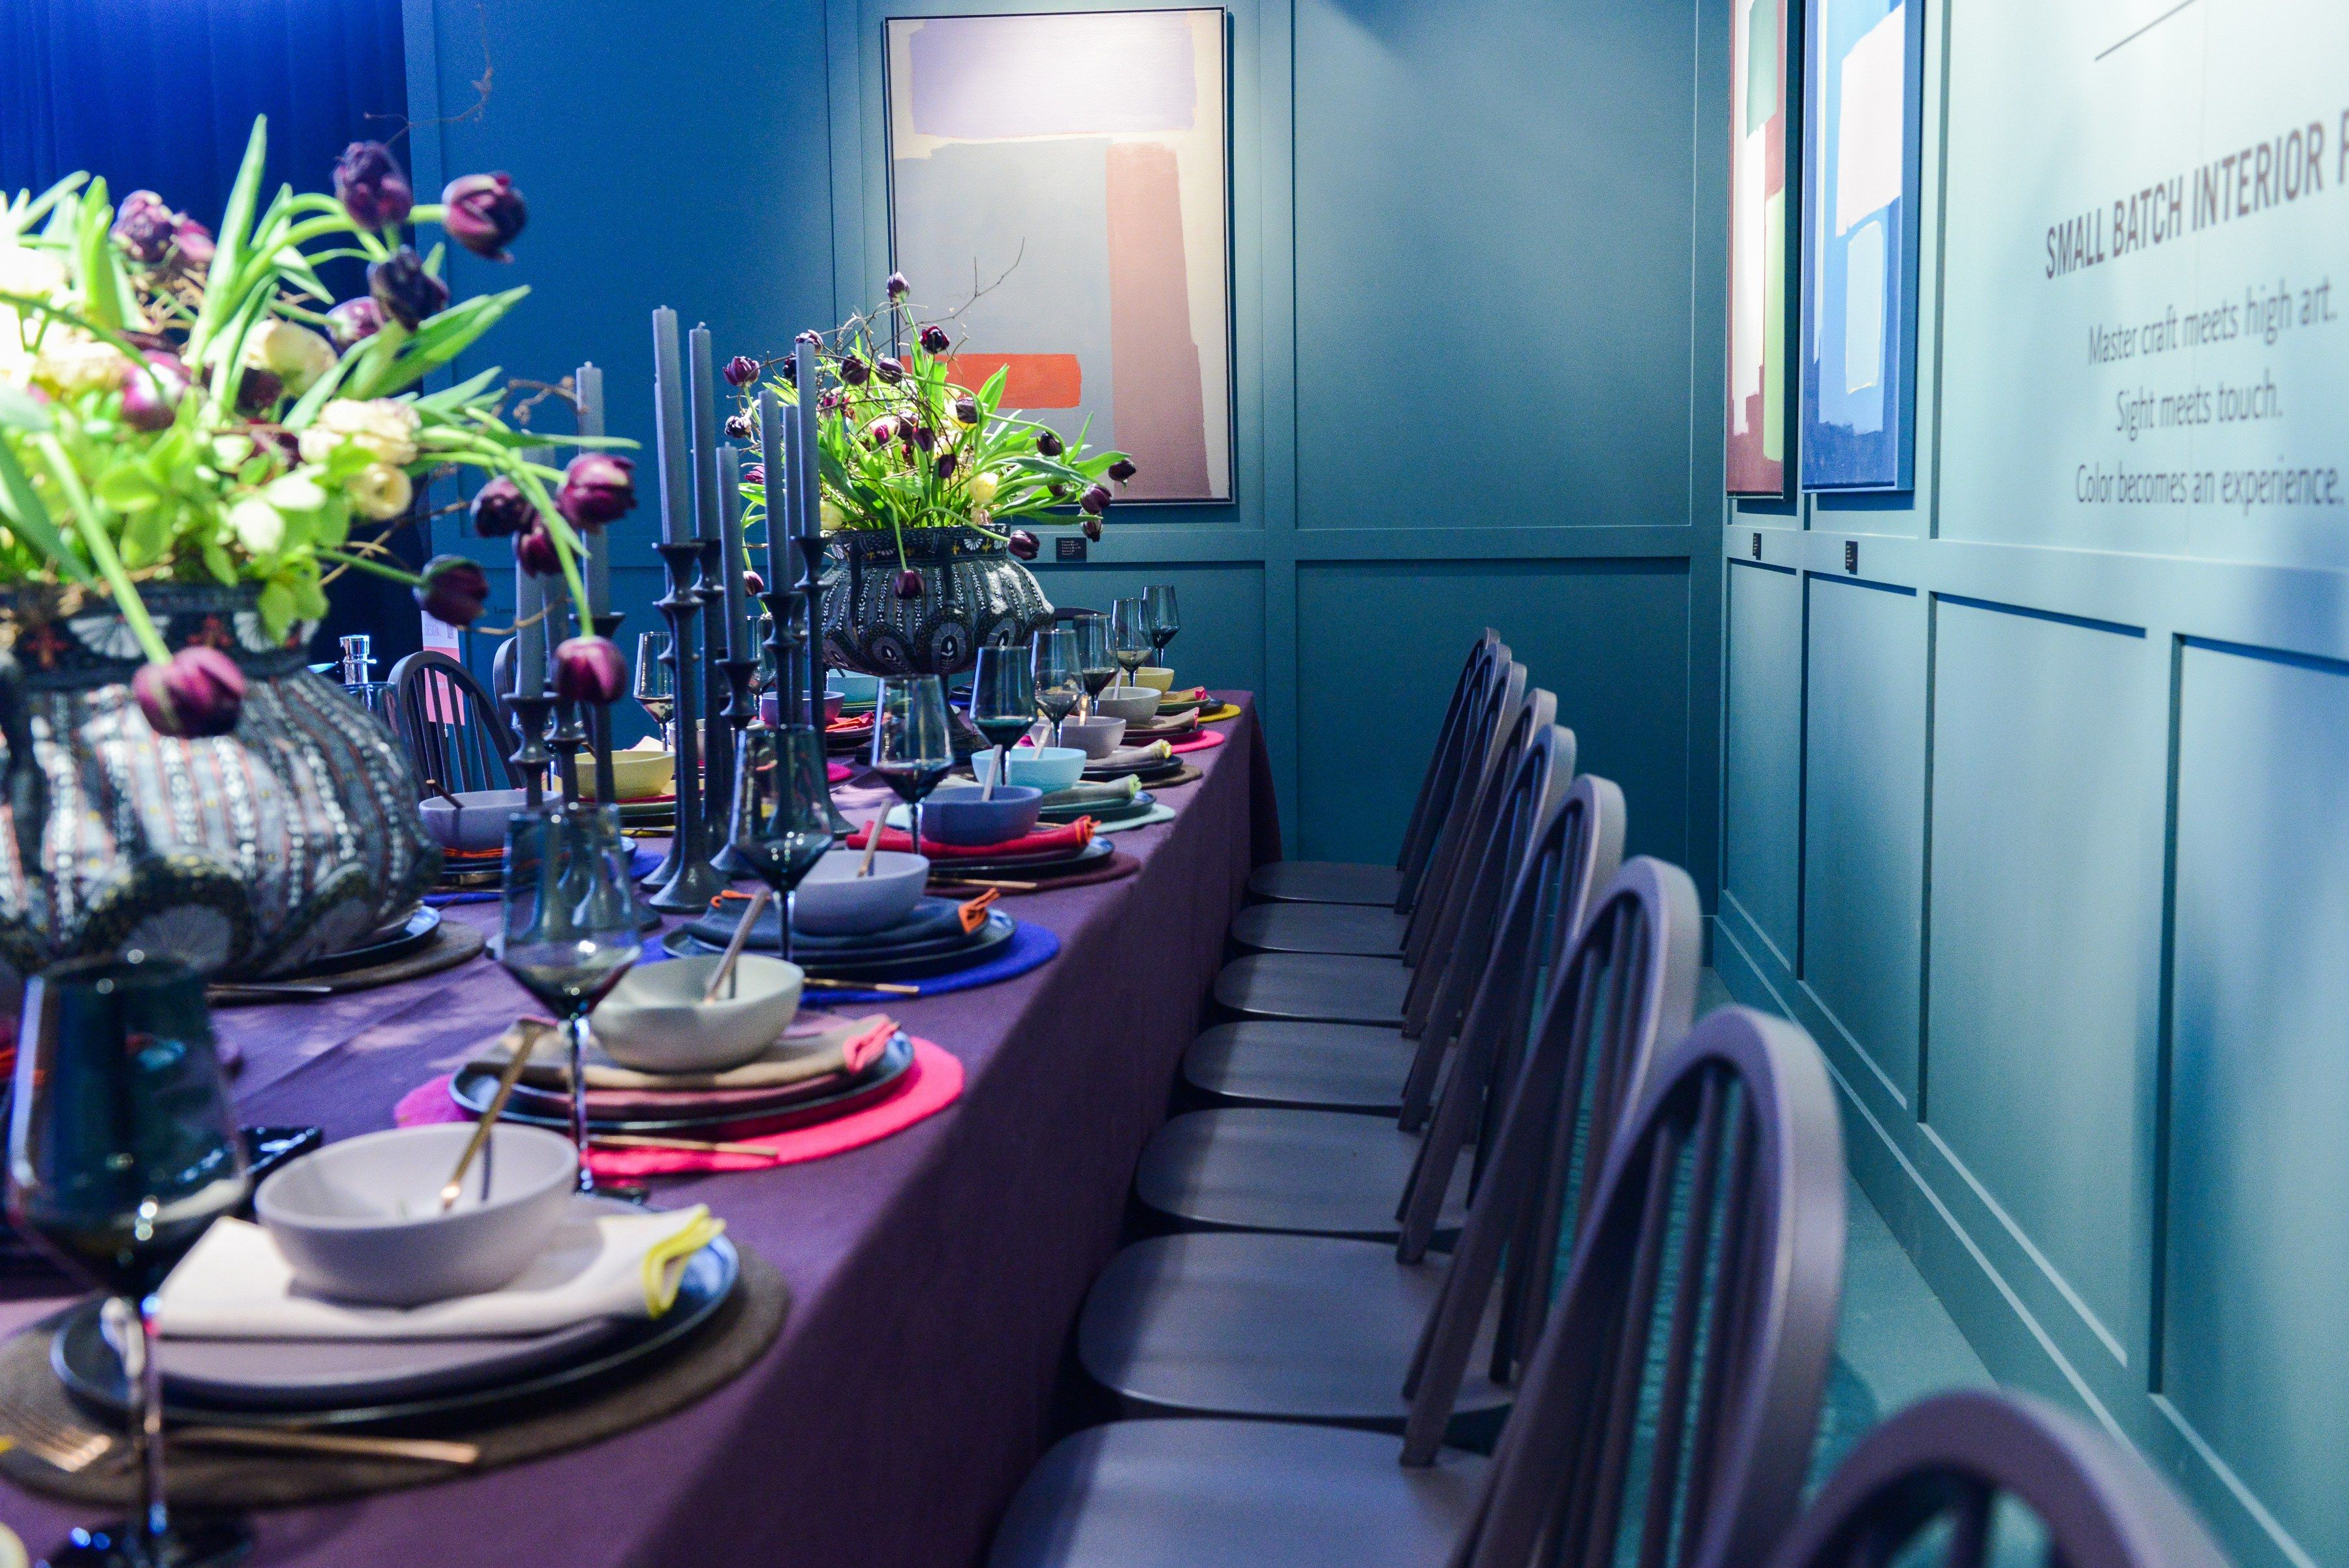 786660fefcb1c570c56c8397dee92029 Unique De Table Basse Roche Bobois Occasion Des Idées